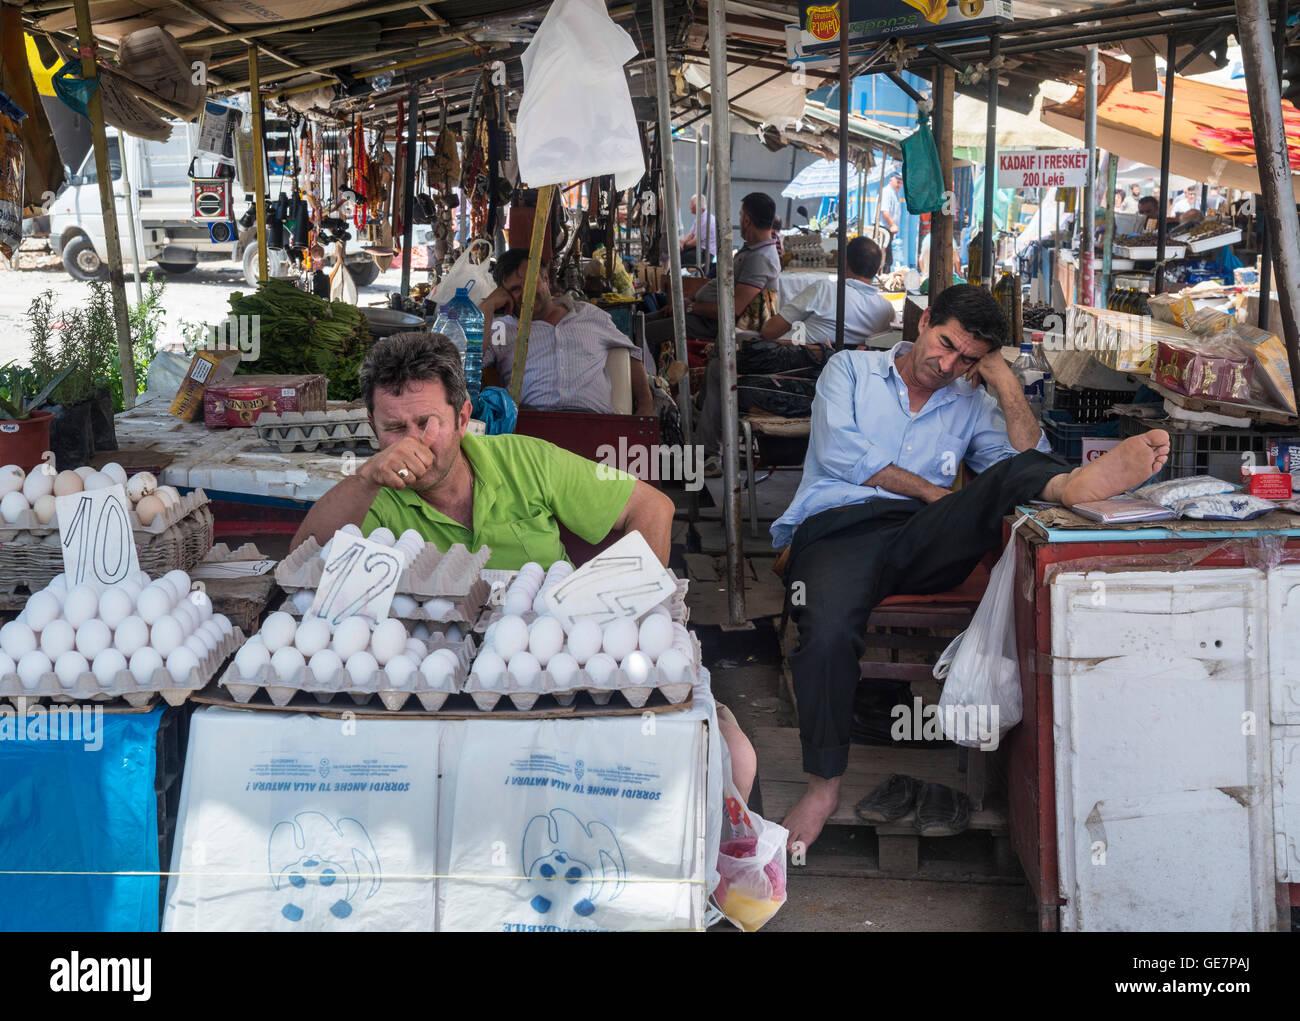 Market stalls in the Pazari i Ri, central market, in Tirana, Albania, - Stock Image